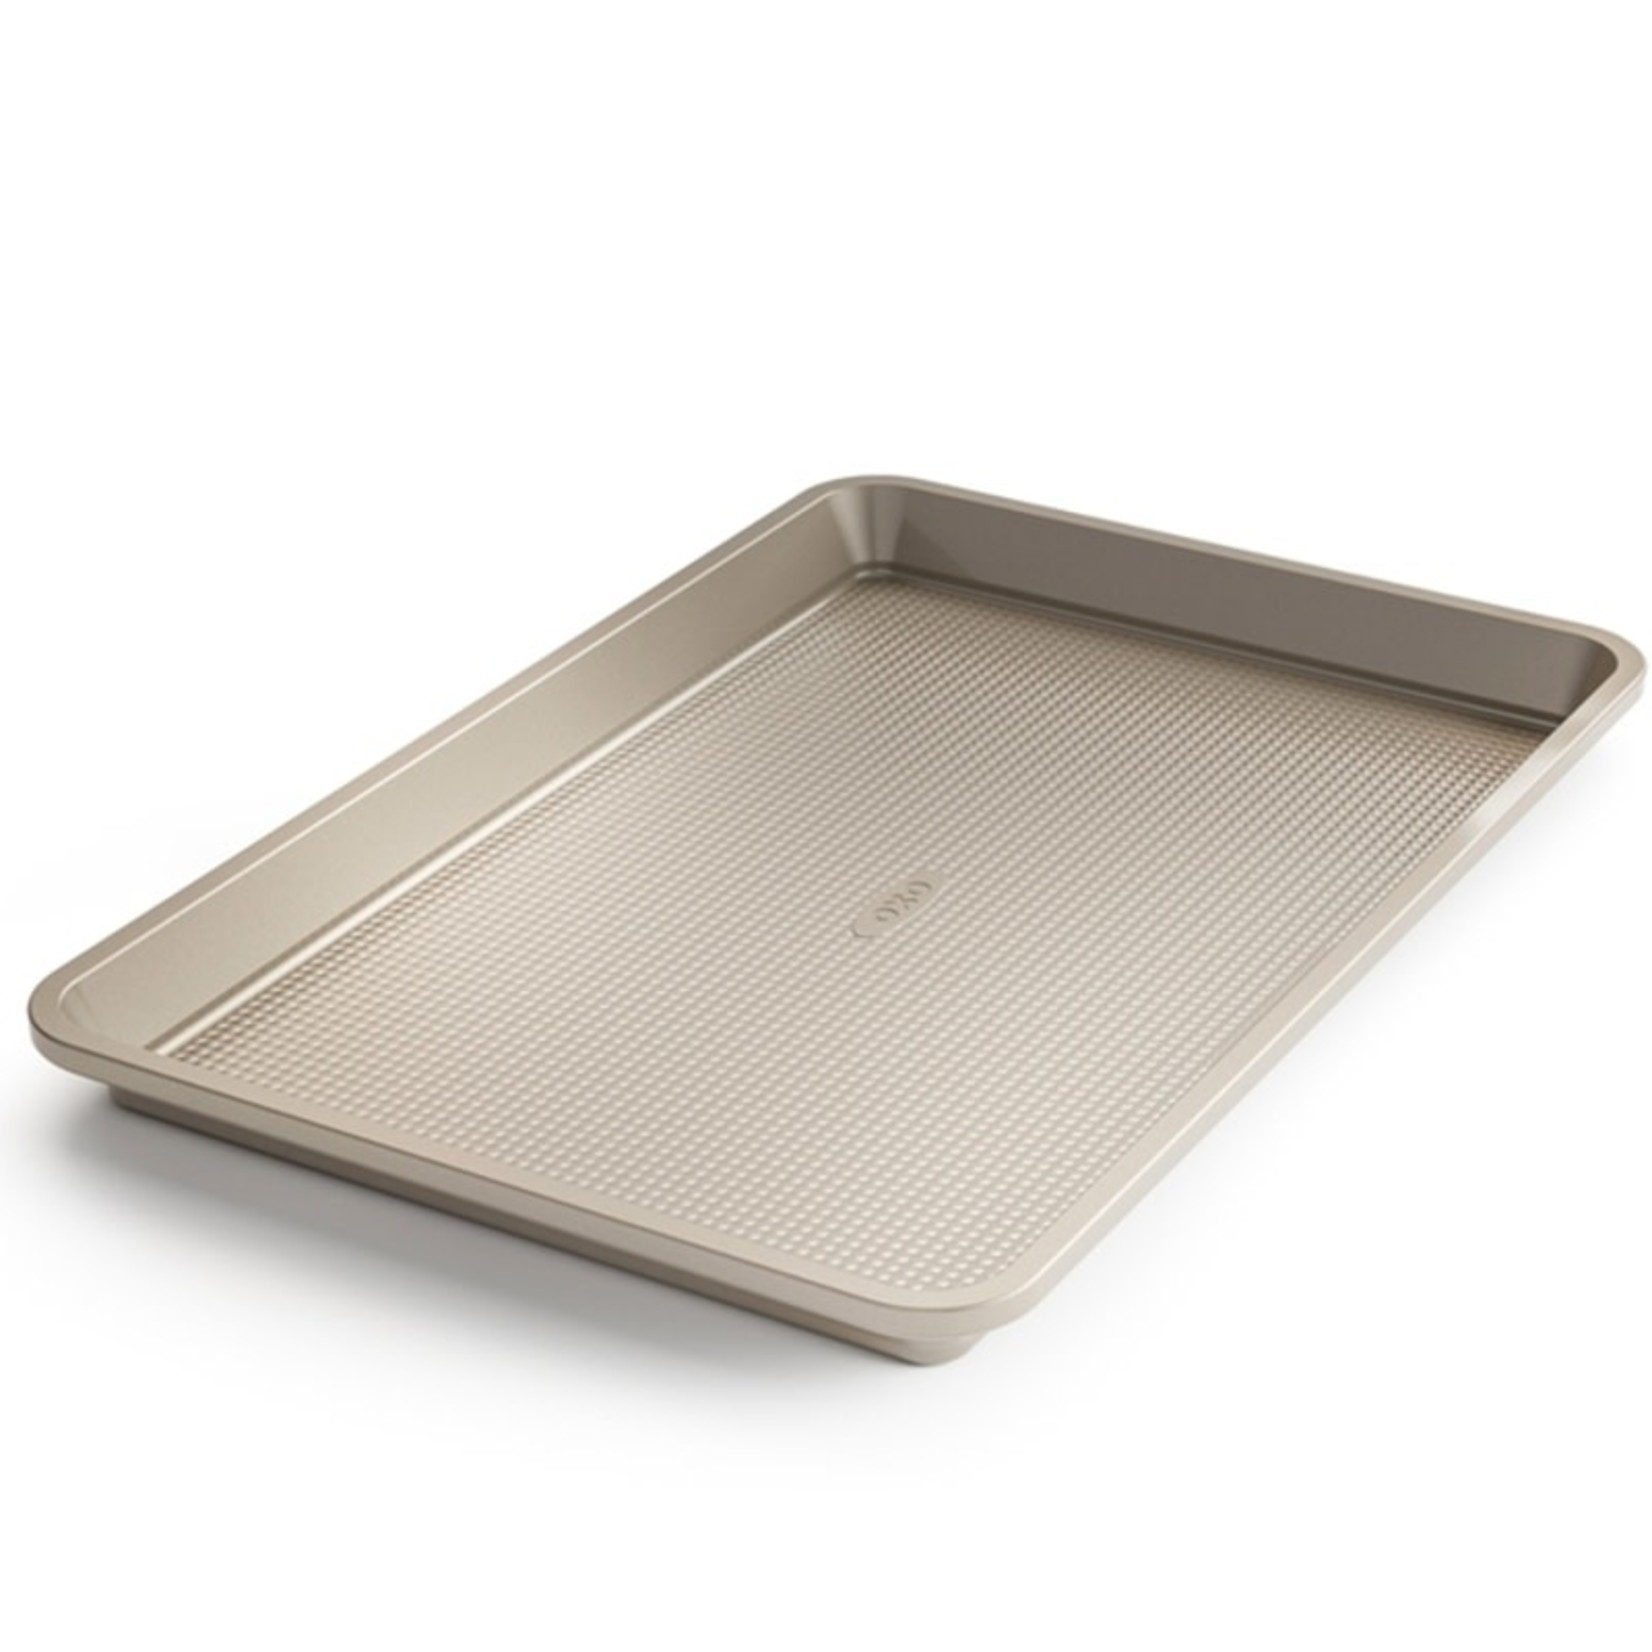 OXO Non Stick Pro Baking Pan 13X18